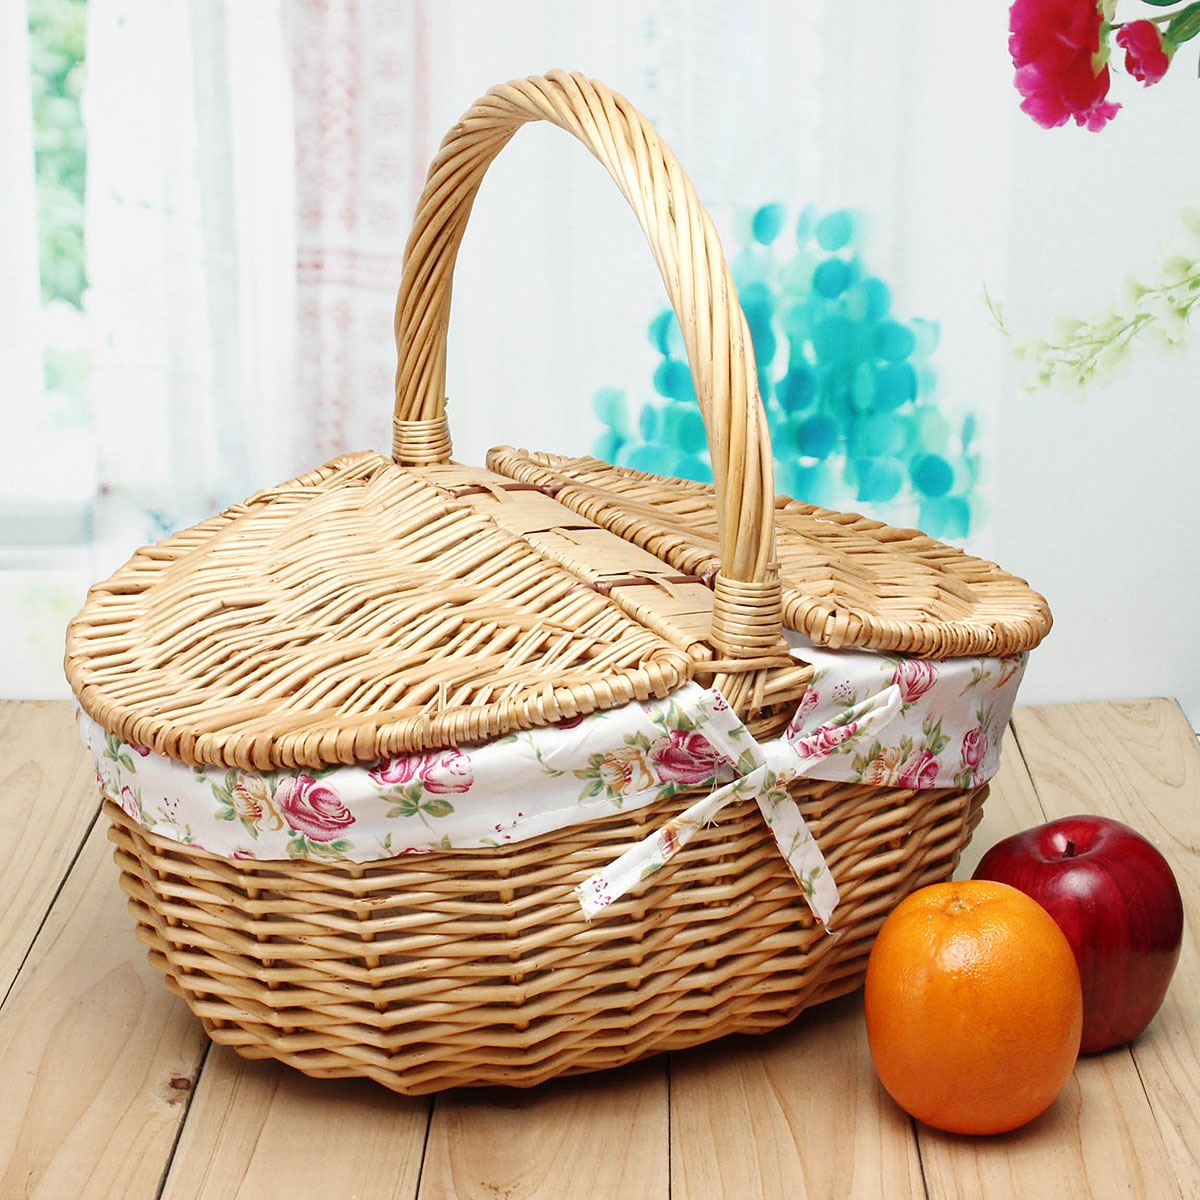 Weide Picknick Korb Korb Einkaufen Vintage Korb mit Deckel und Griff Bis zu 10KG für Camping für Shopping & haustiere